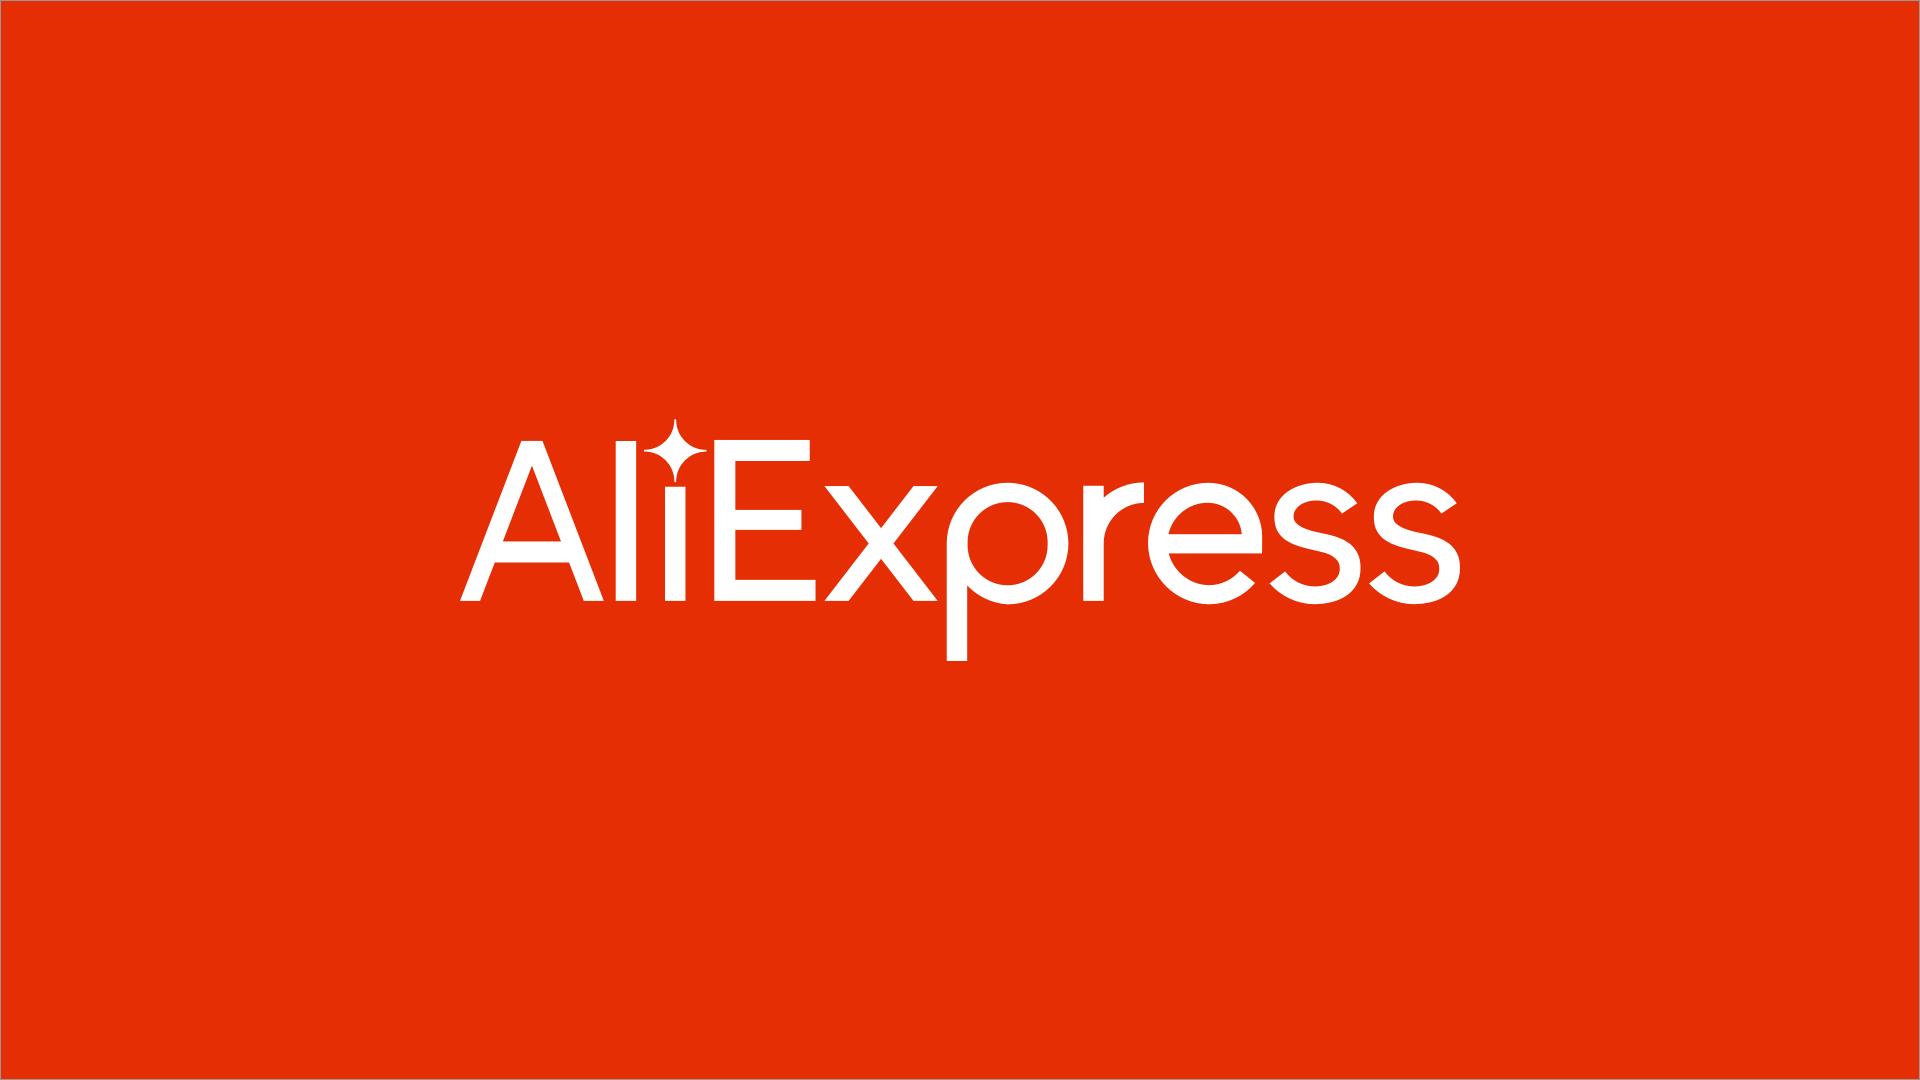 AliTools — следите за изменениями цен на Aliexpress